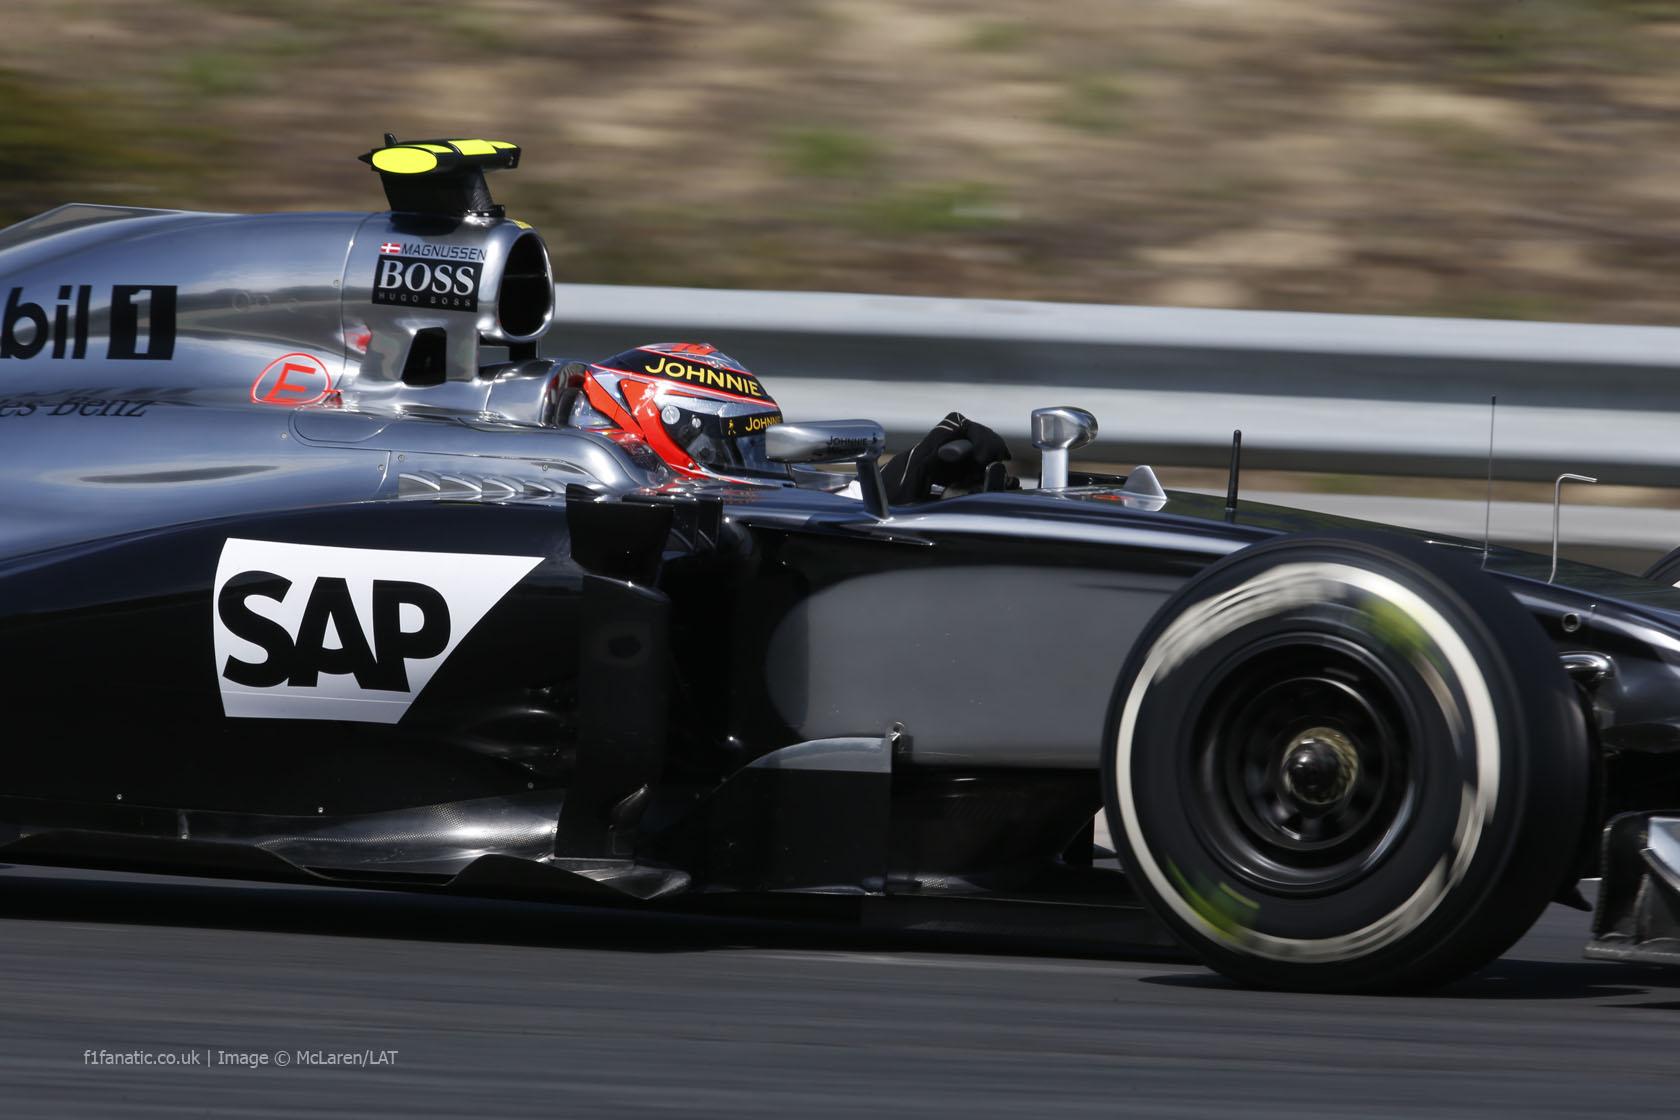 Kevin Magnussen, McLaren, Hungaroring, 2014